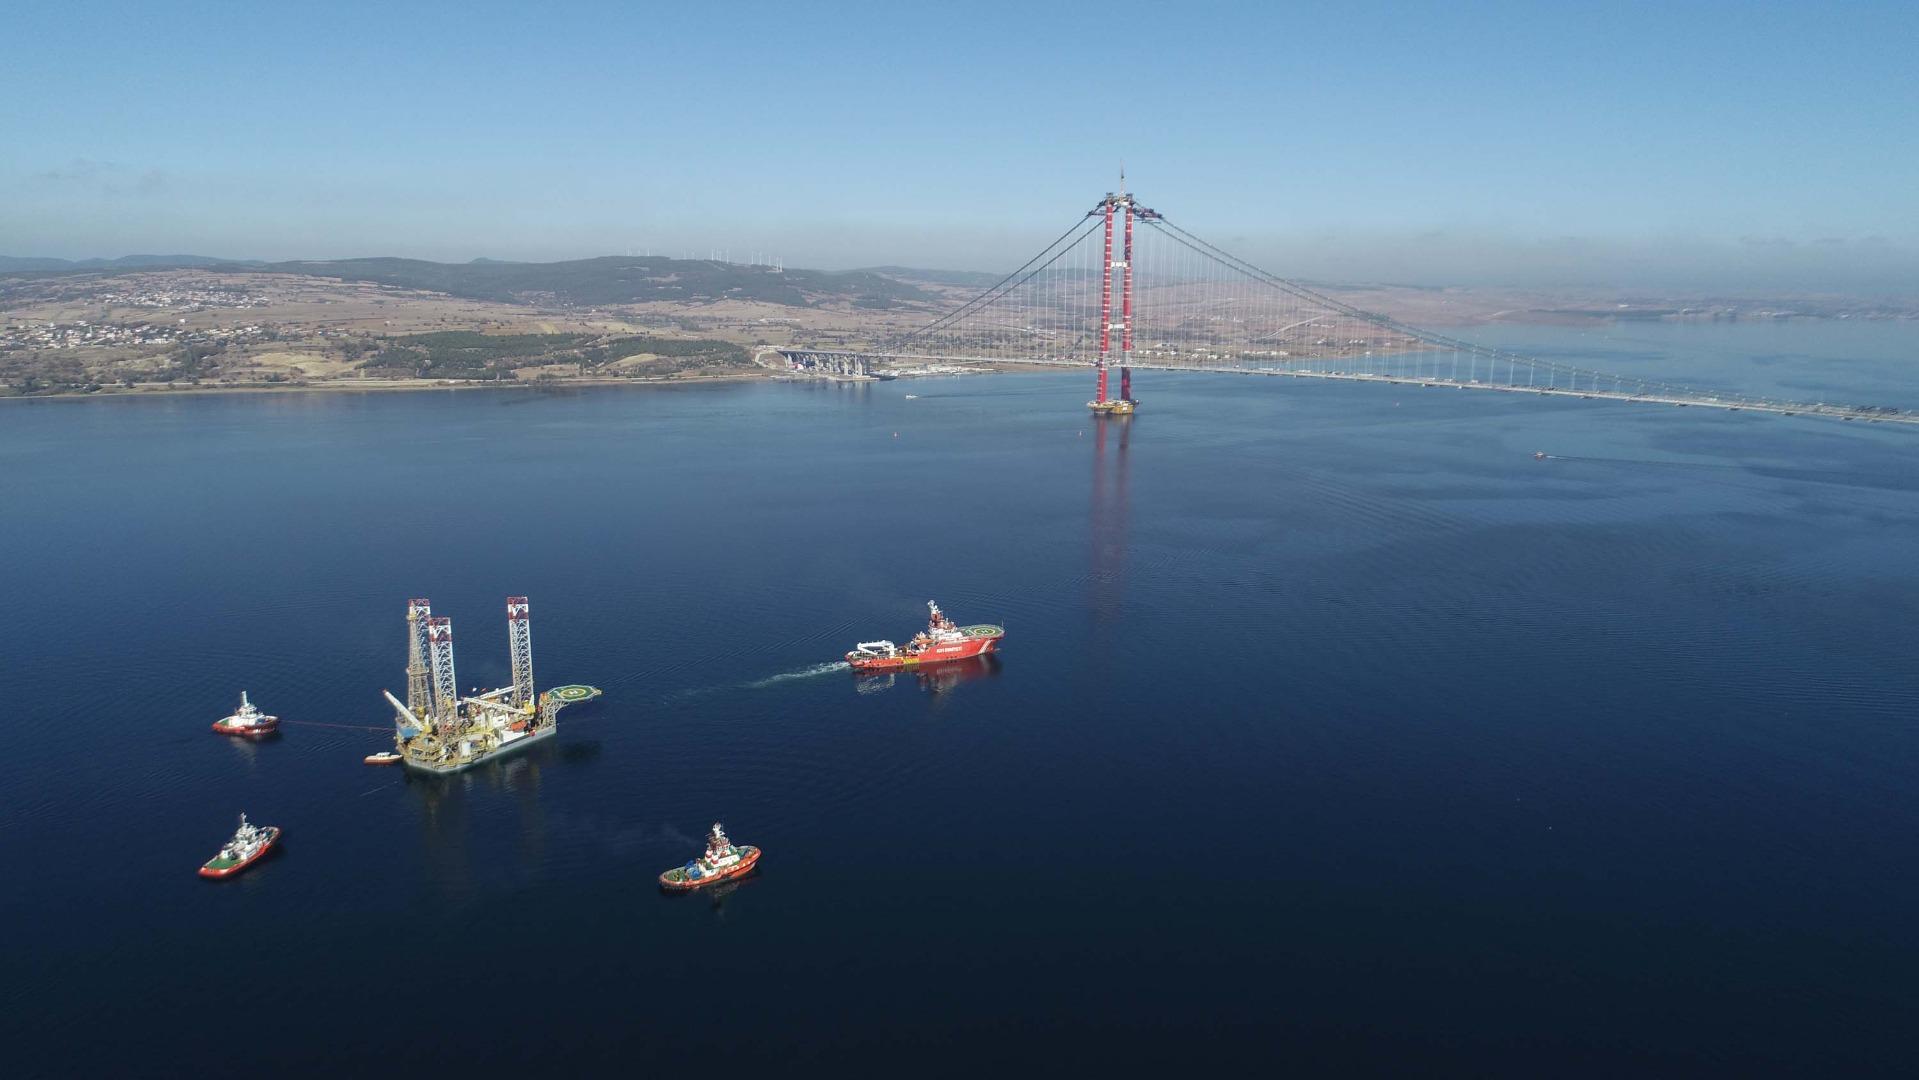 124 metrelik platform, 67 metreye indirilerek Çanakkale Köprüsü'nün altından geçirildi